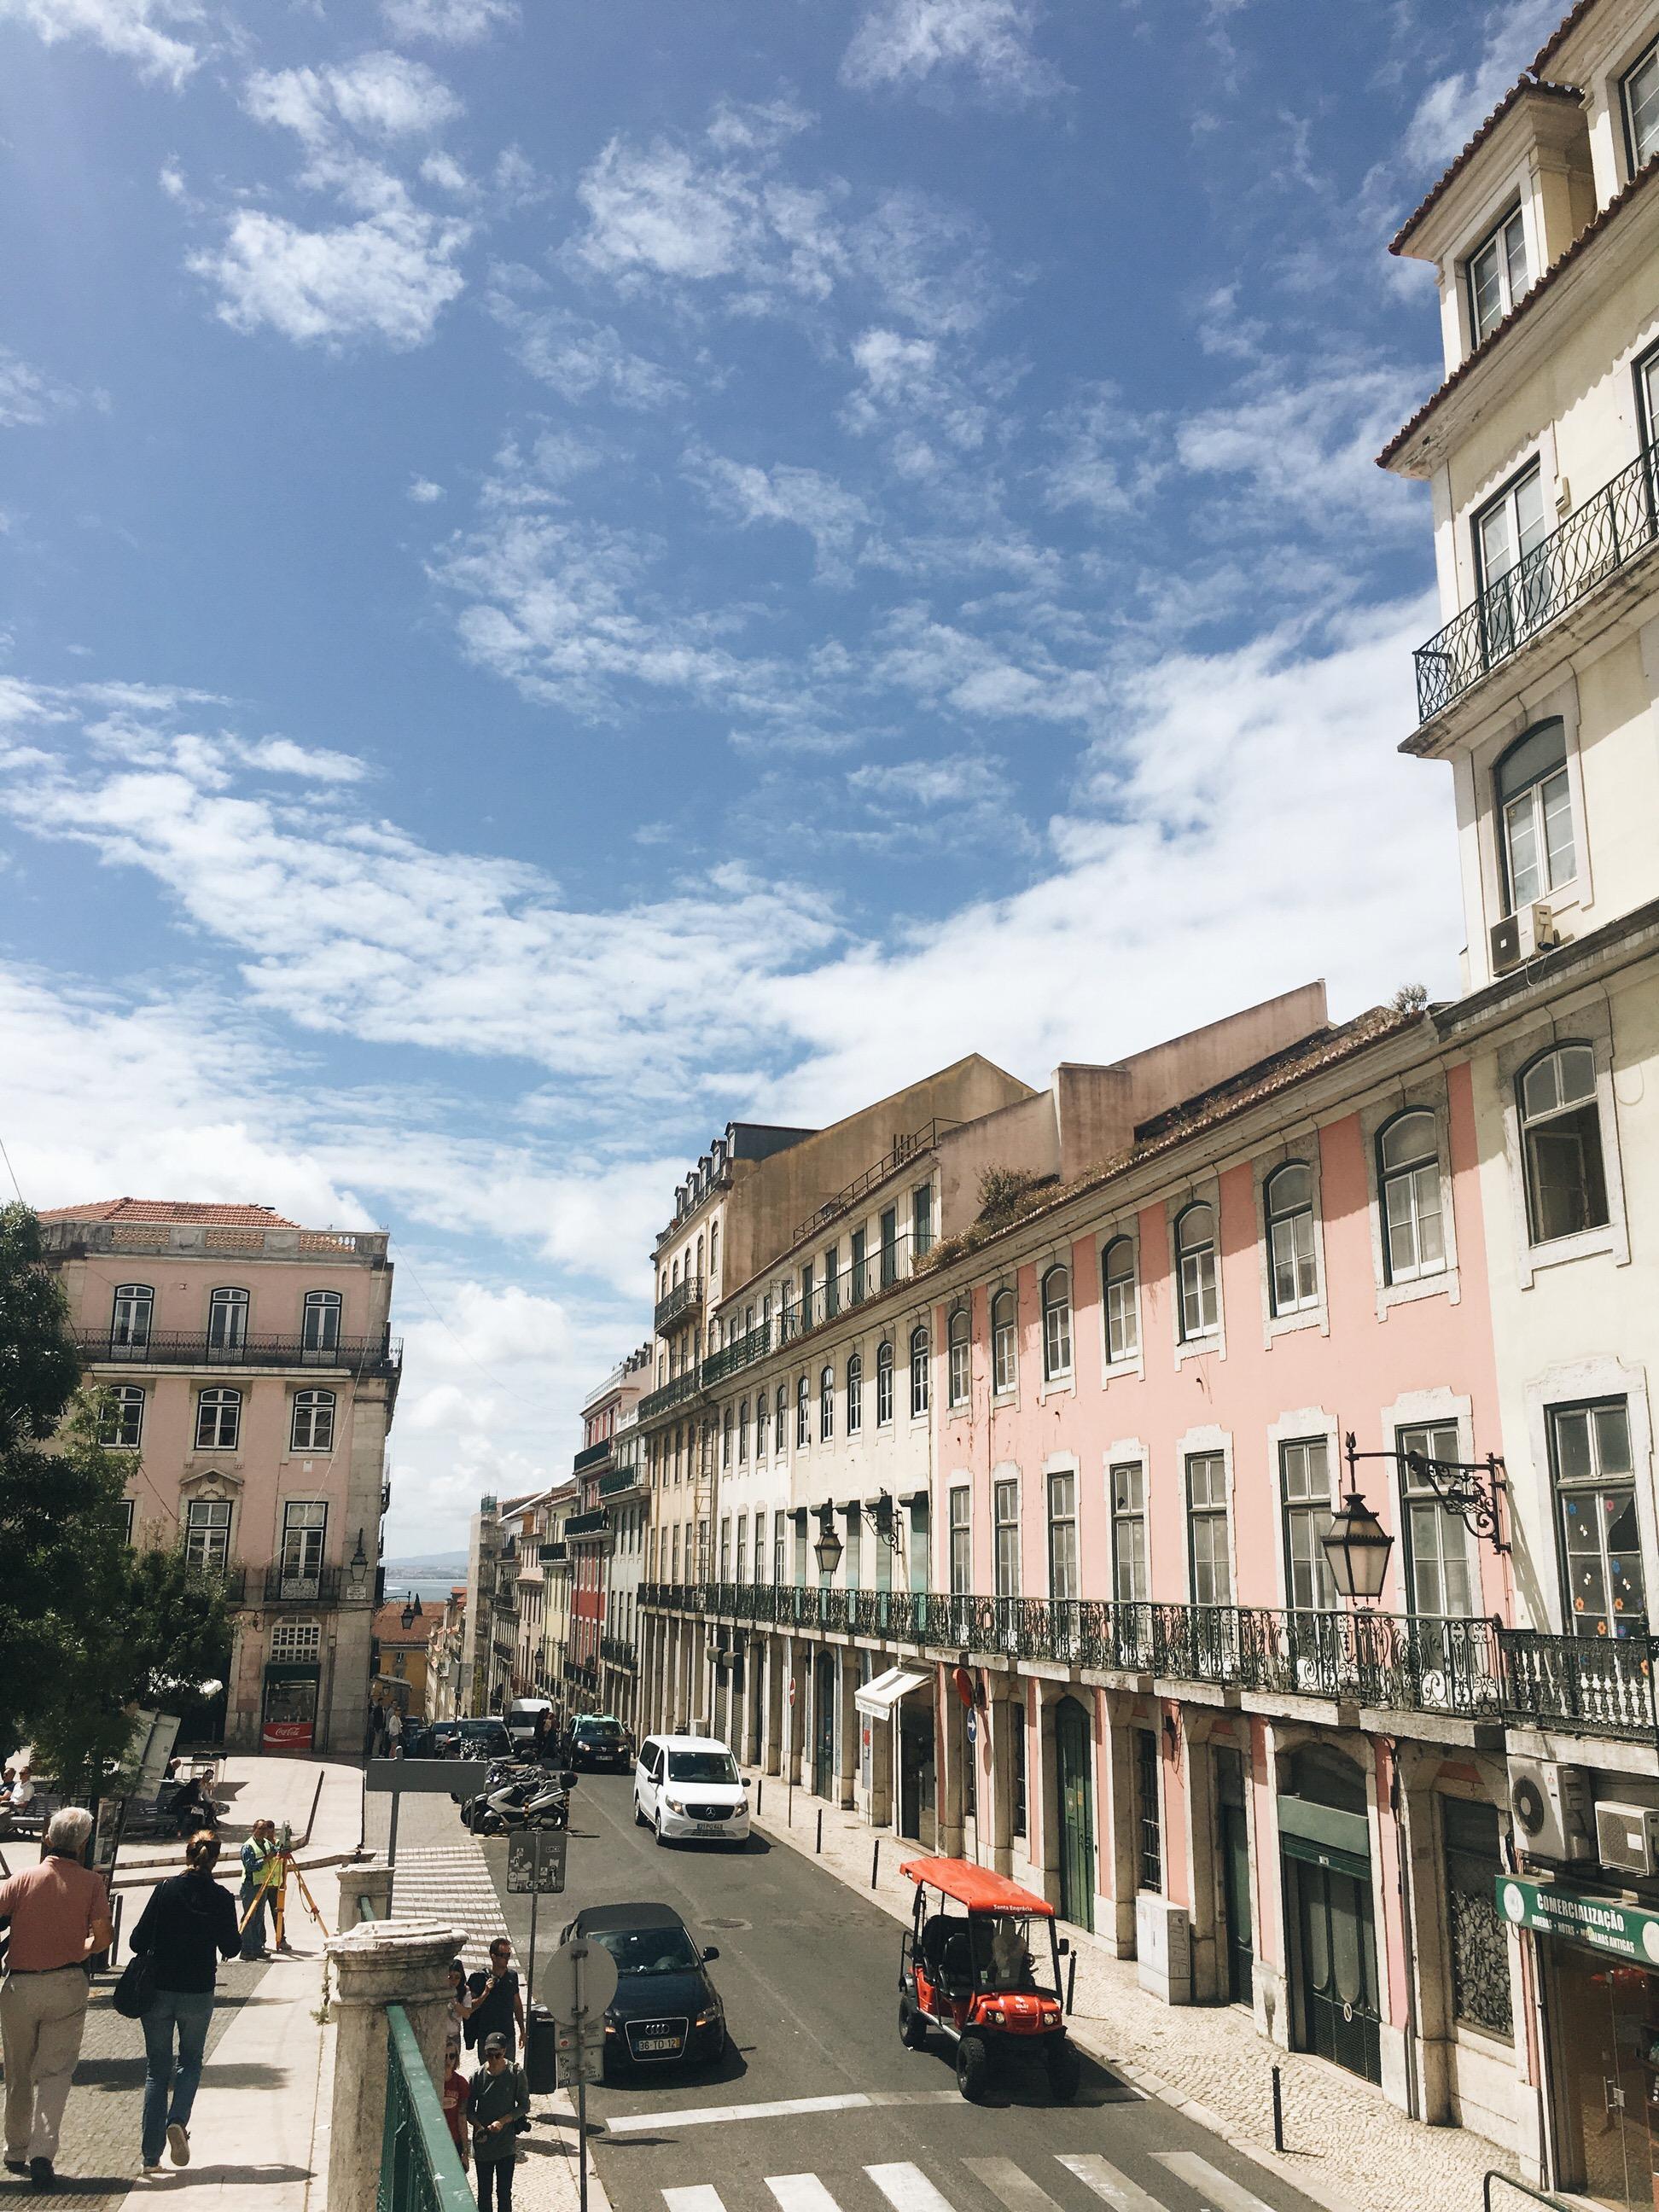 Lissabon Reisetipps ein Reisebericht mit Tipps für Alfama